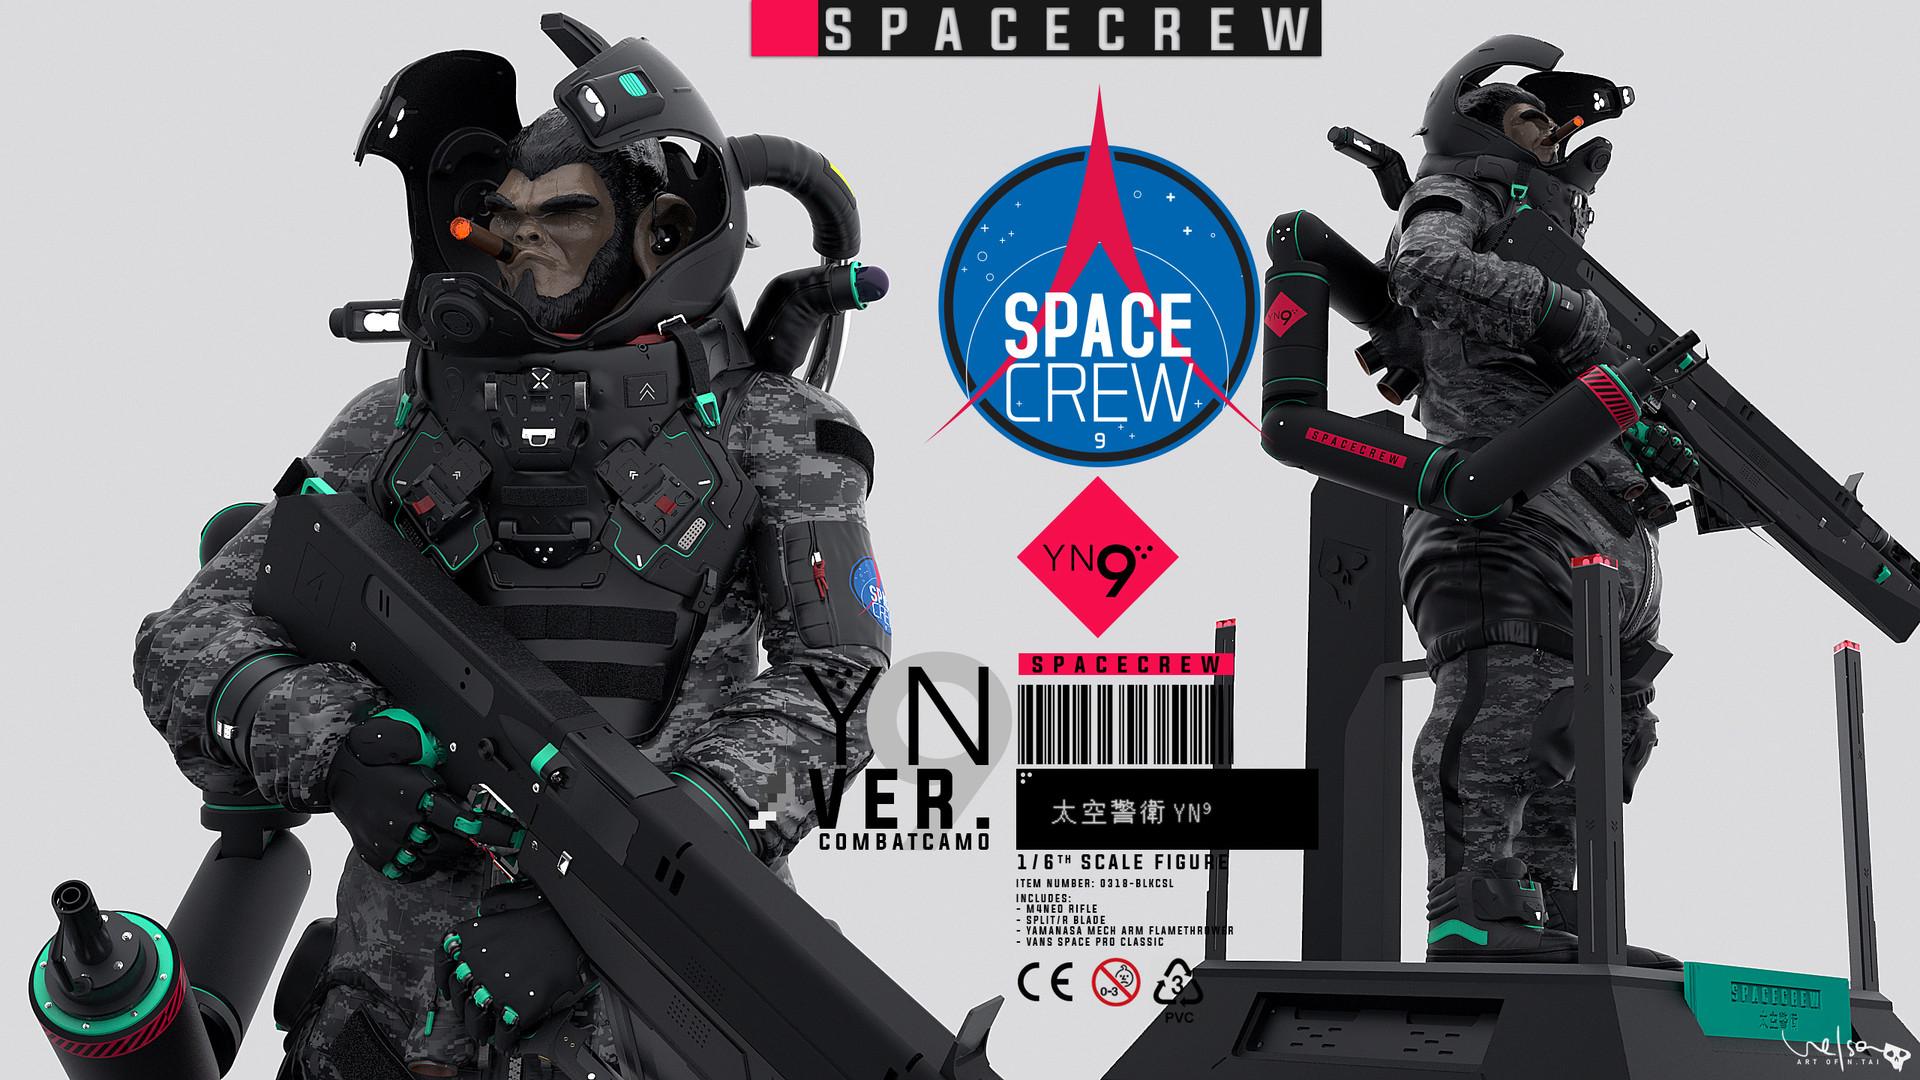 Nelson tai spacecrew dsgn yn9 001f